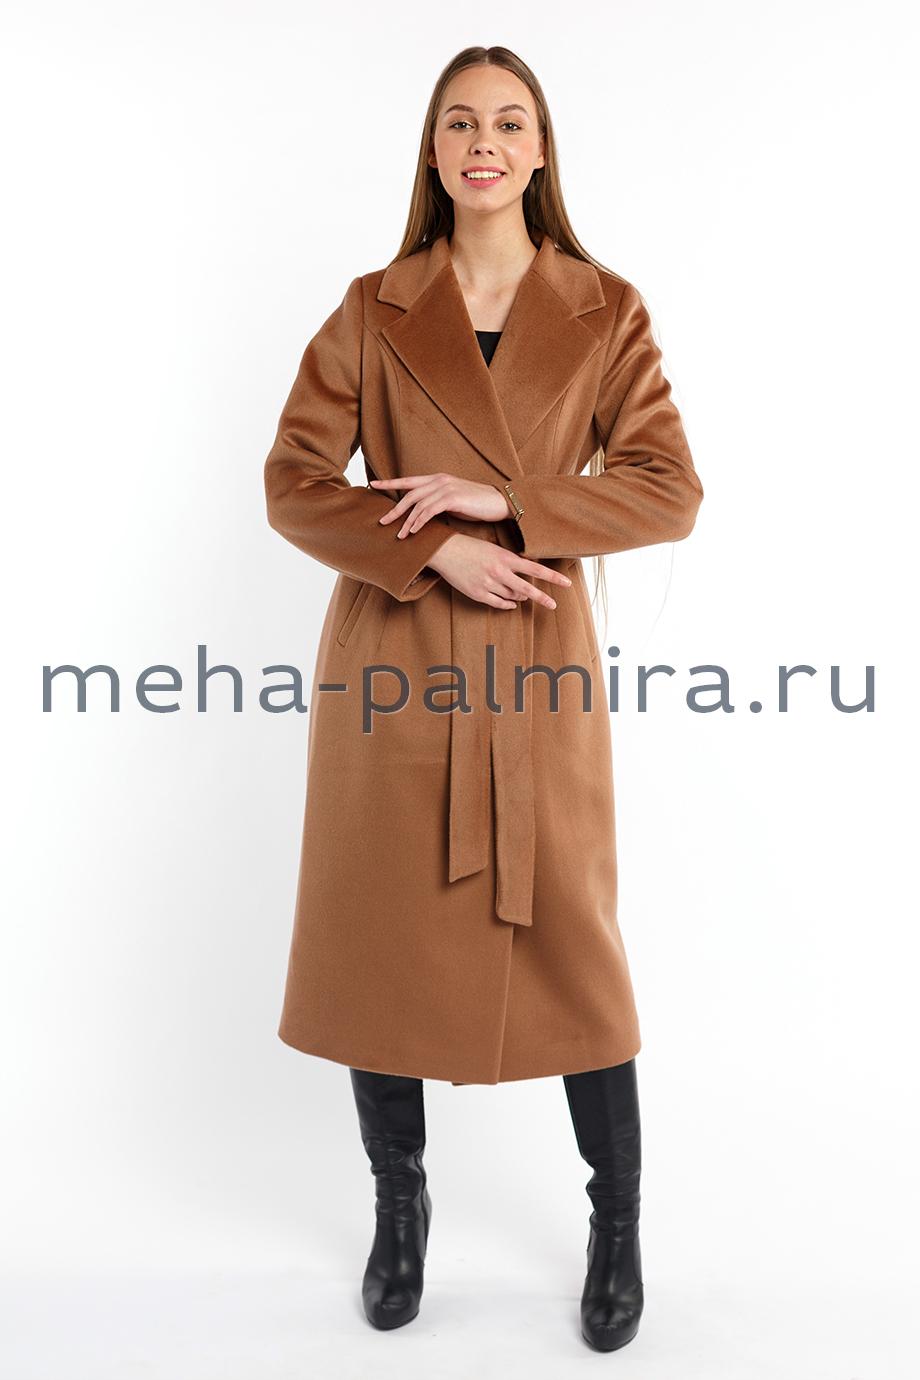 Пальто женское коричневого цвета с поясом